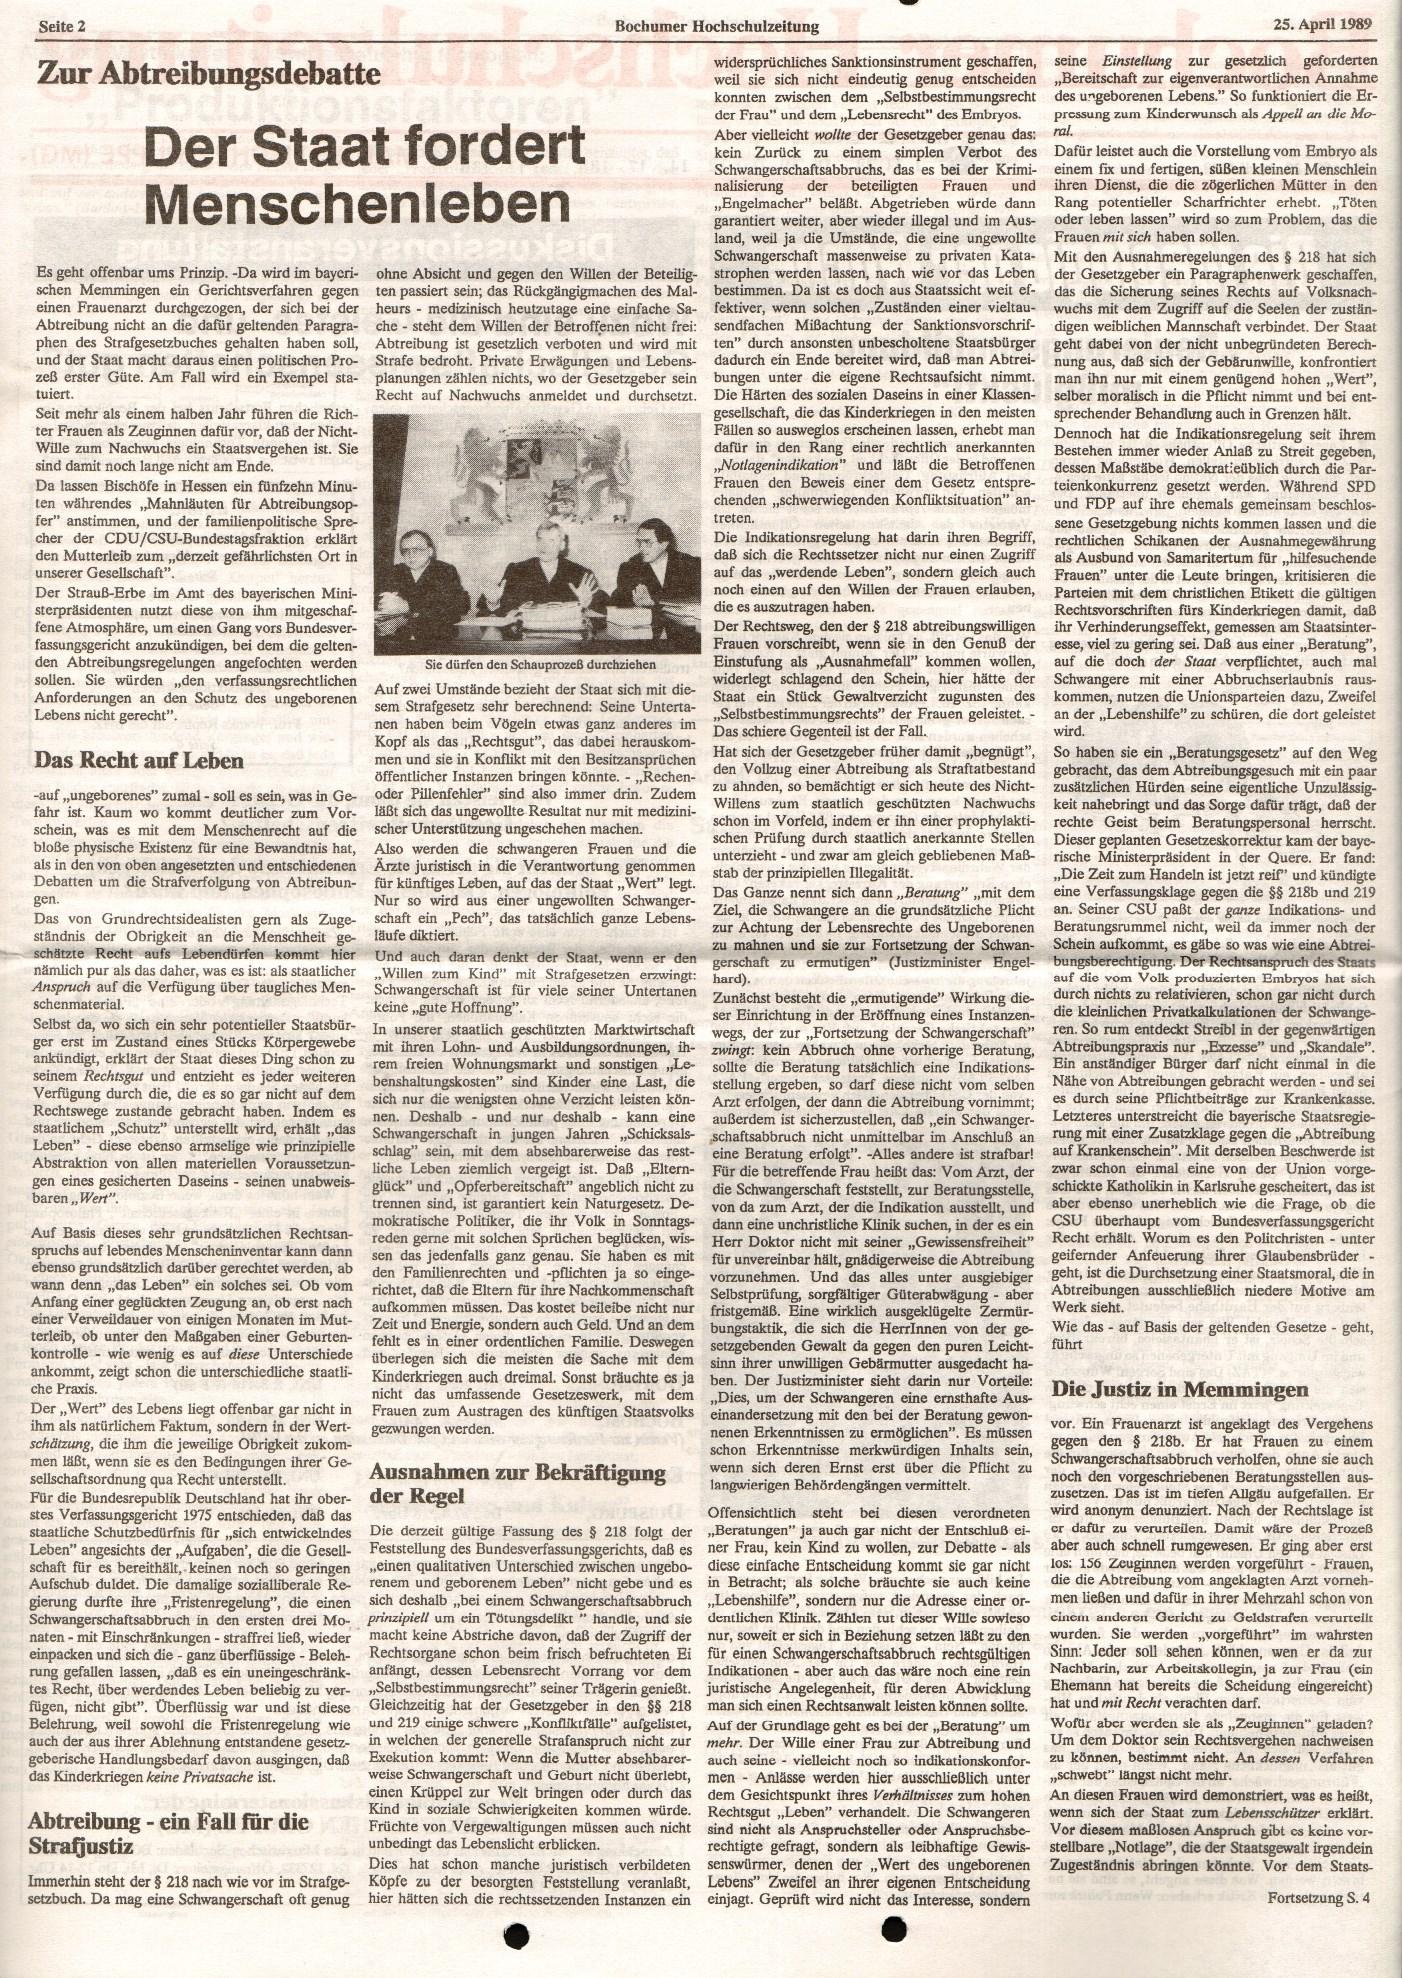 MG_Bochumer_Hochschulzeitung_19890425_02